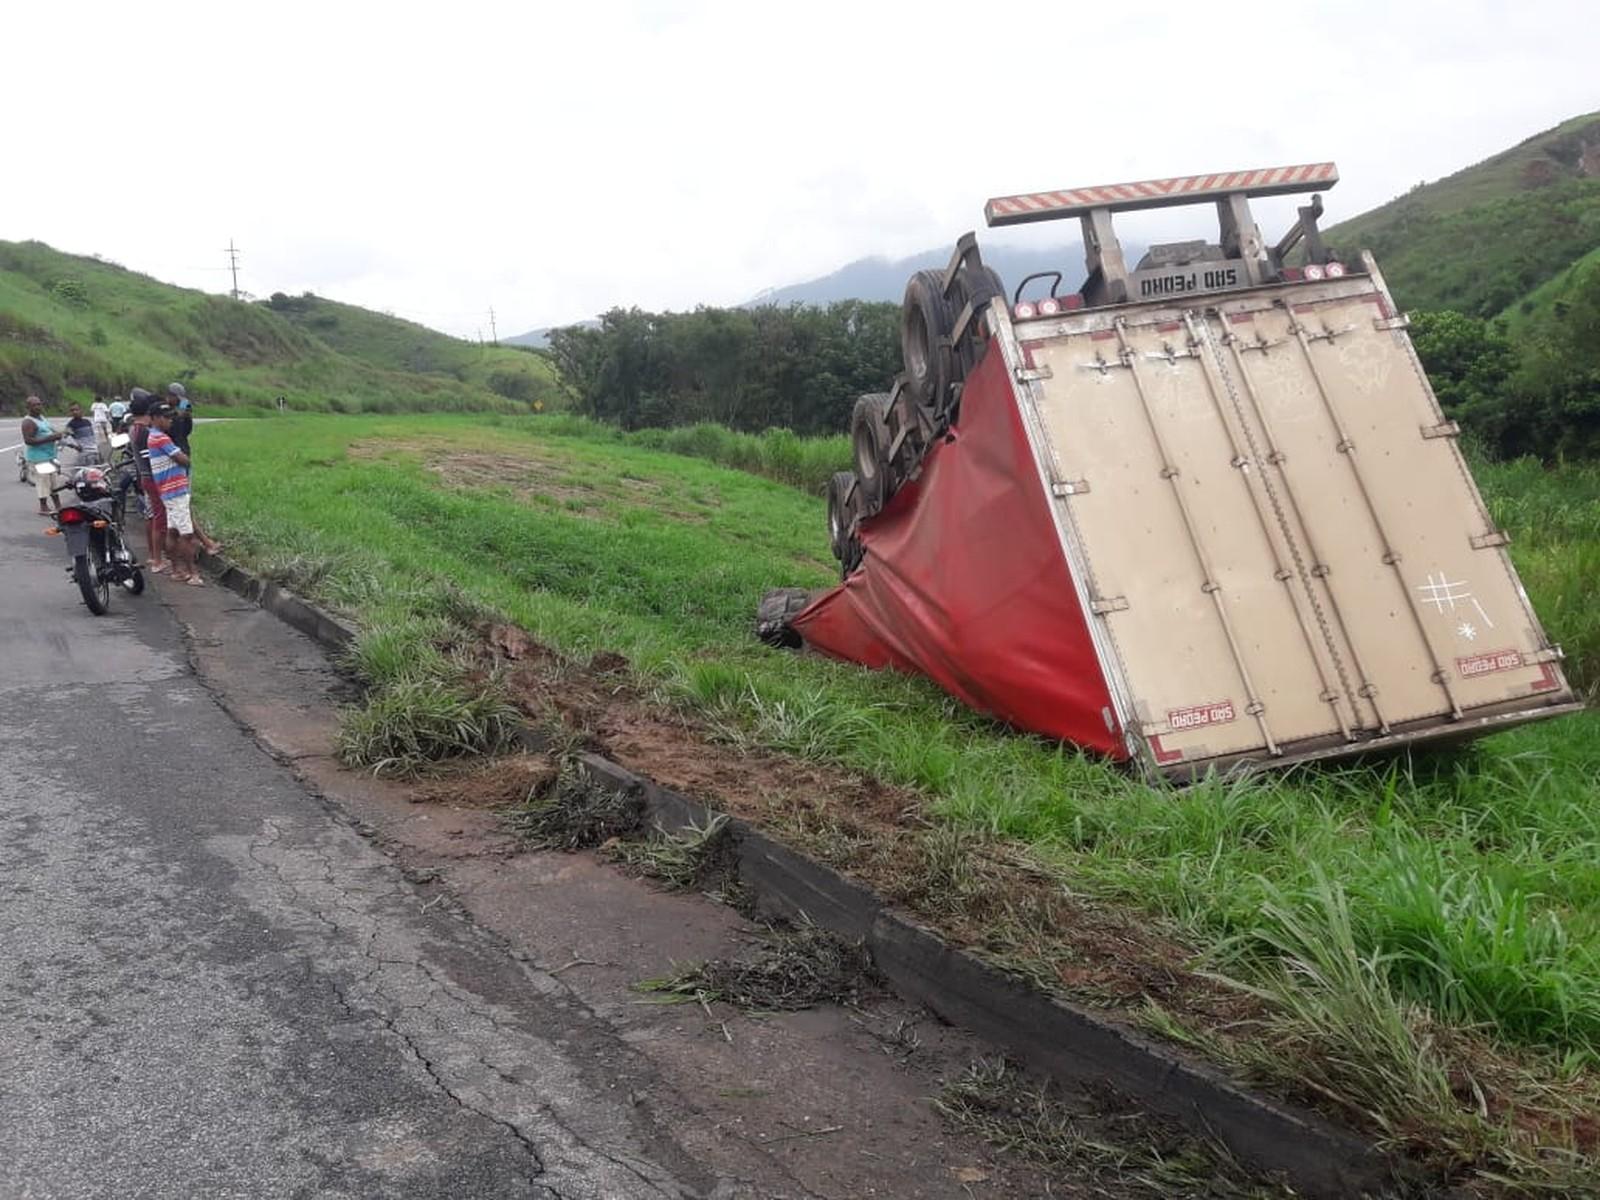 Caminhão carregado de cerveja tomba e fere motorista na BR-393